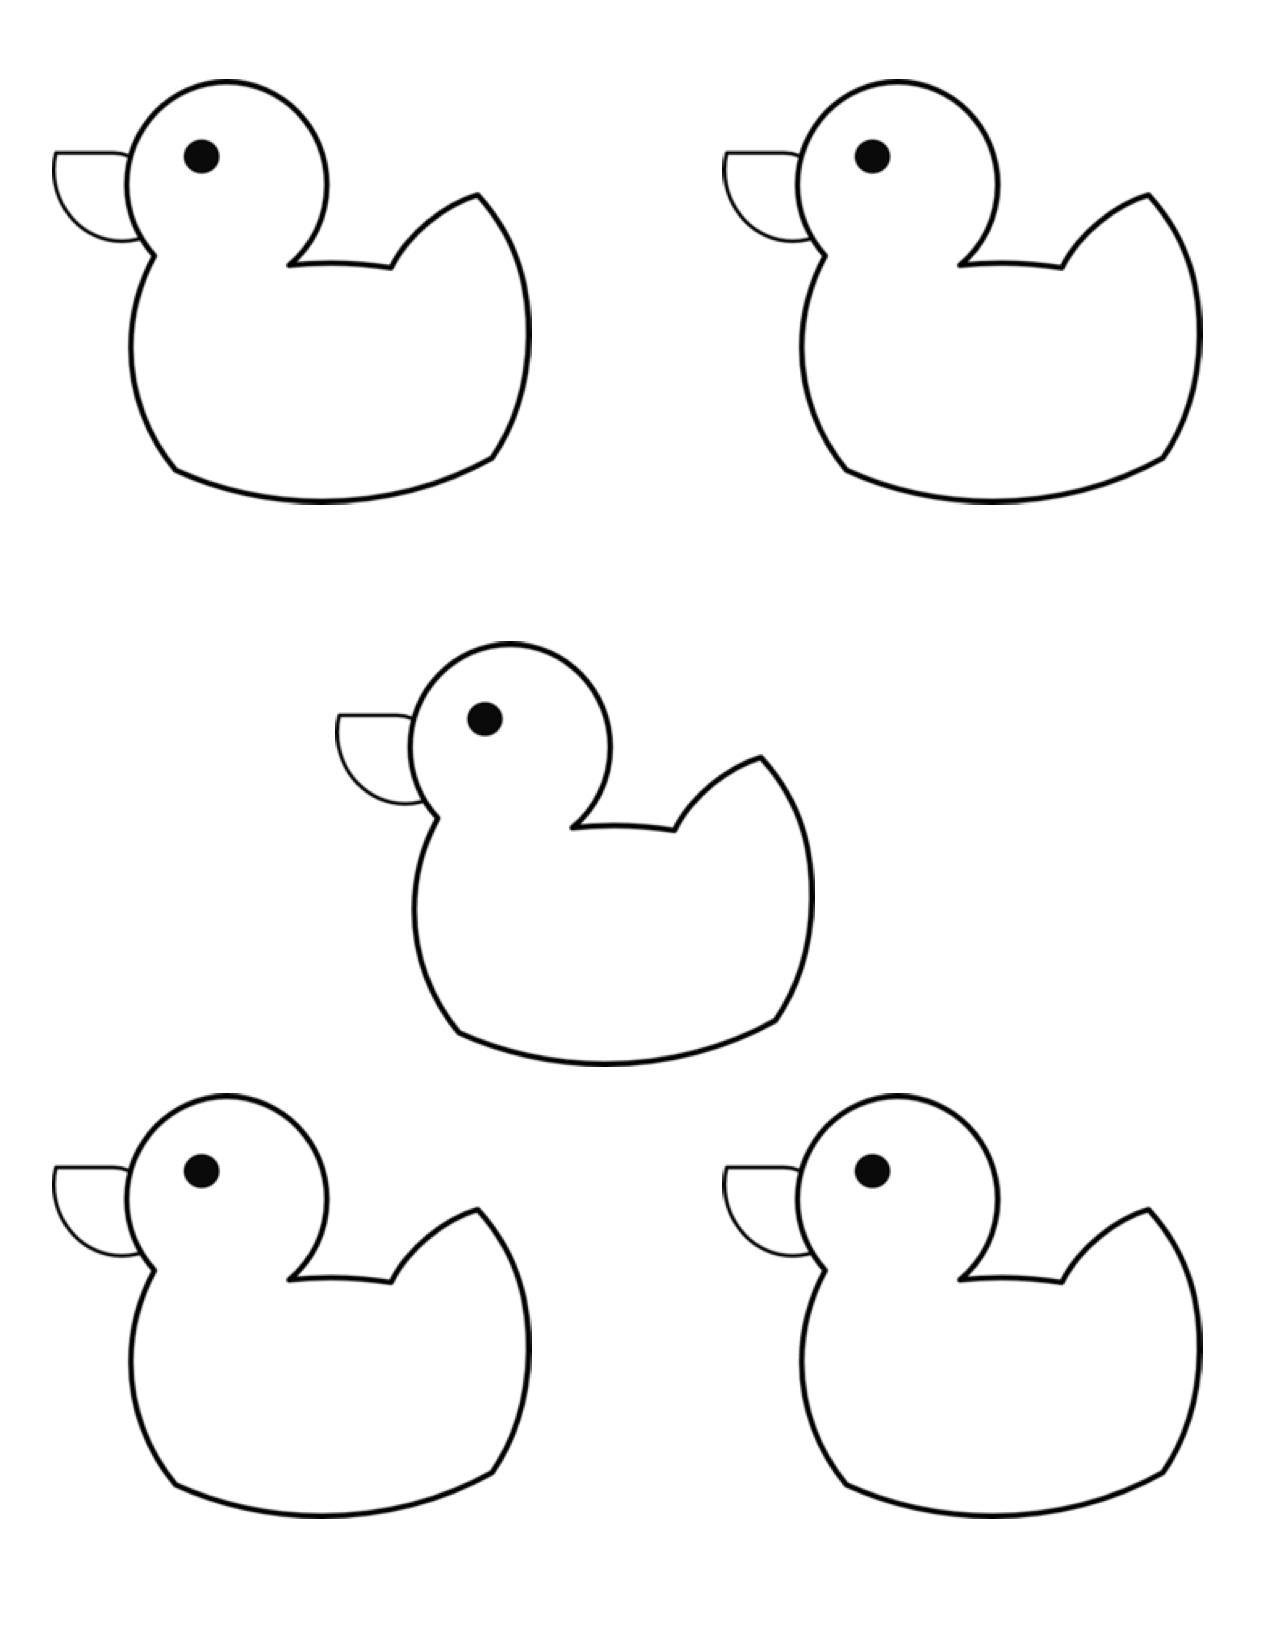 5 Little Ducks Clipart